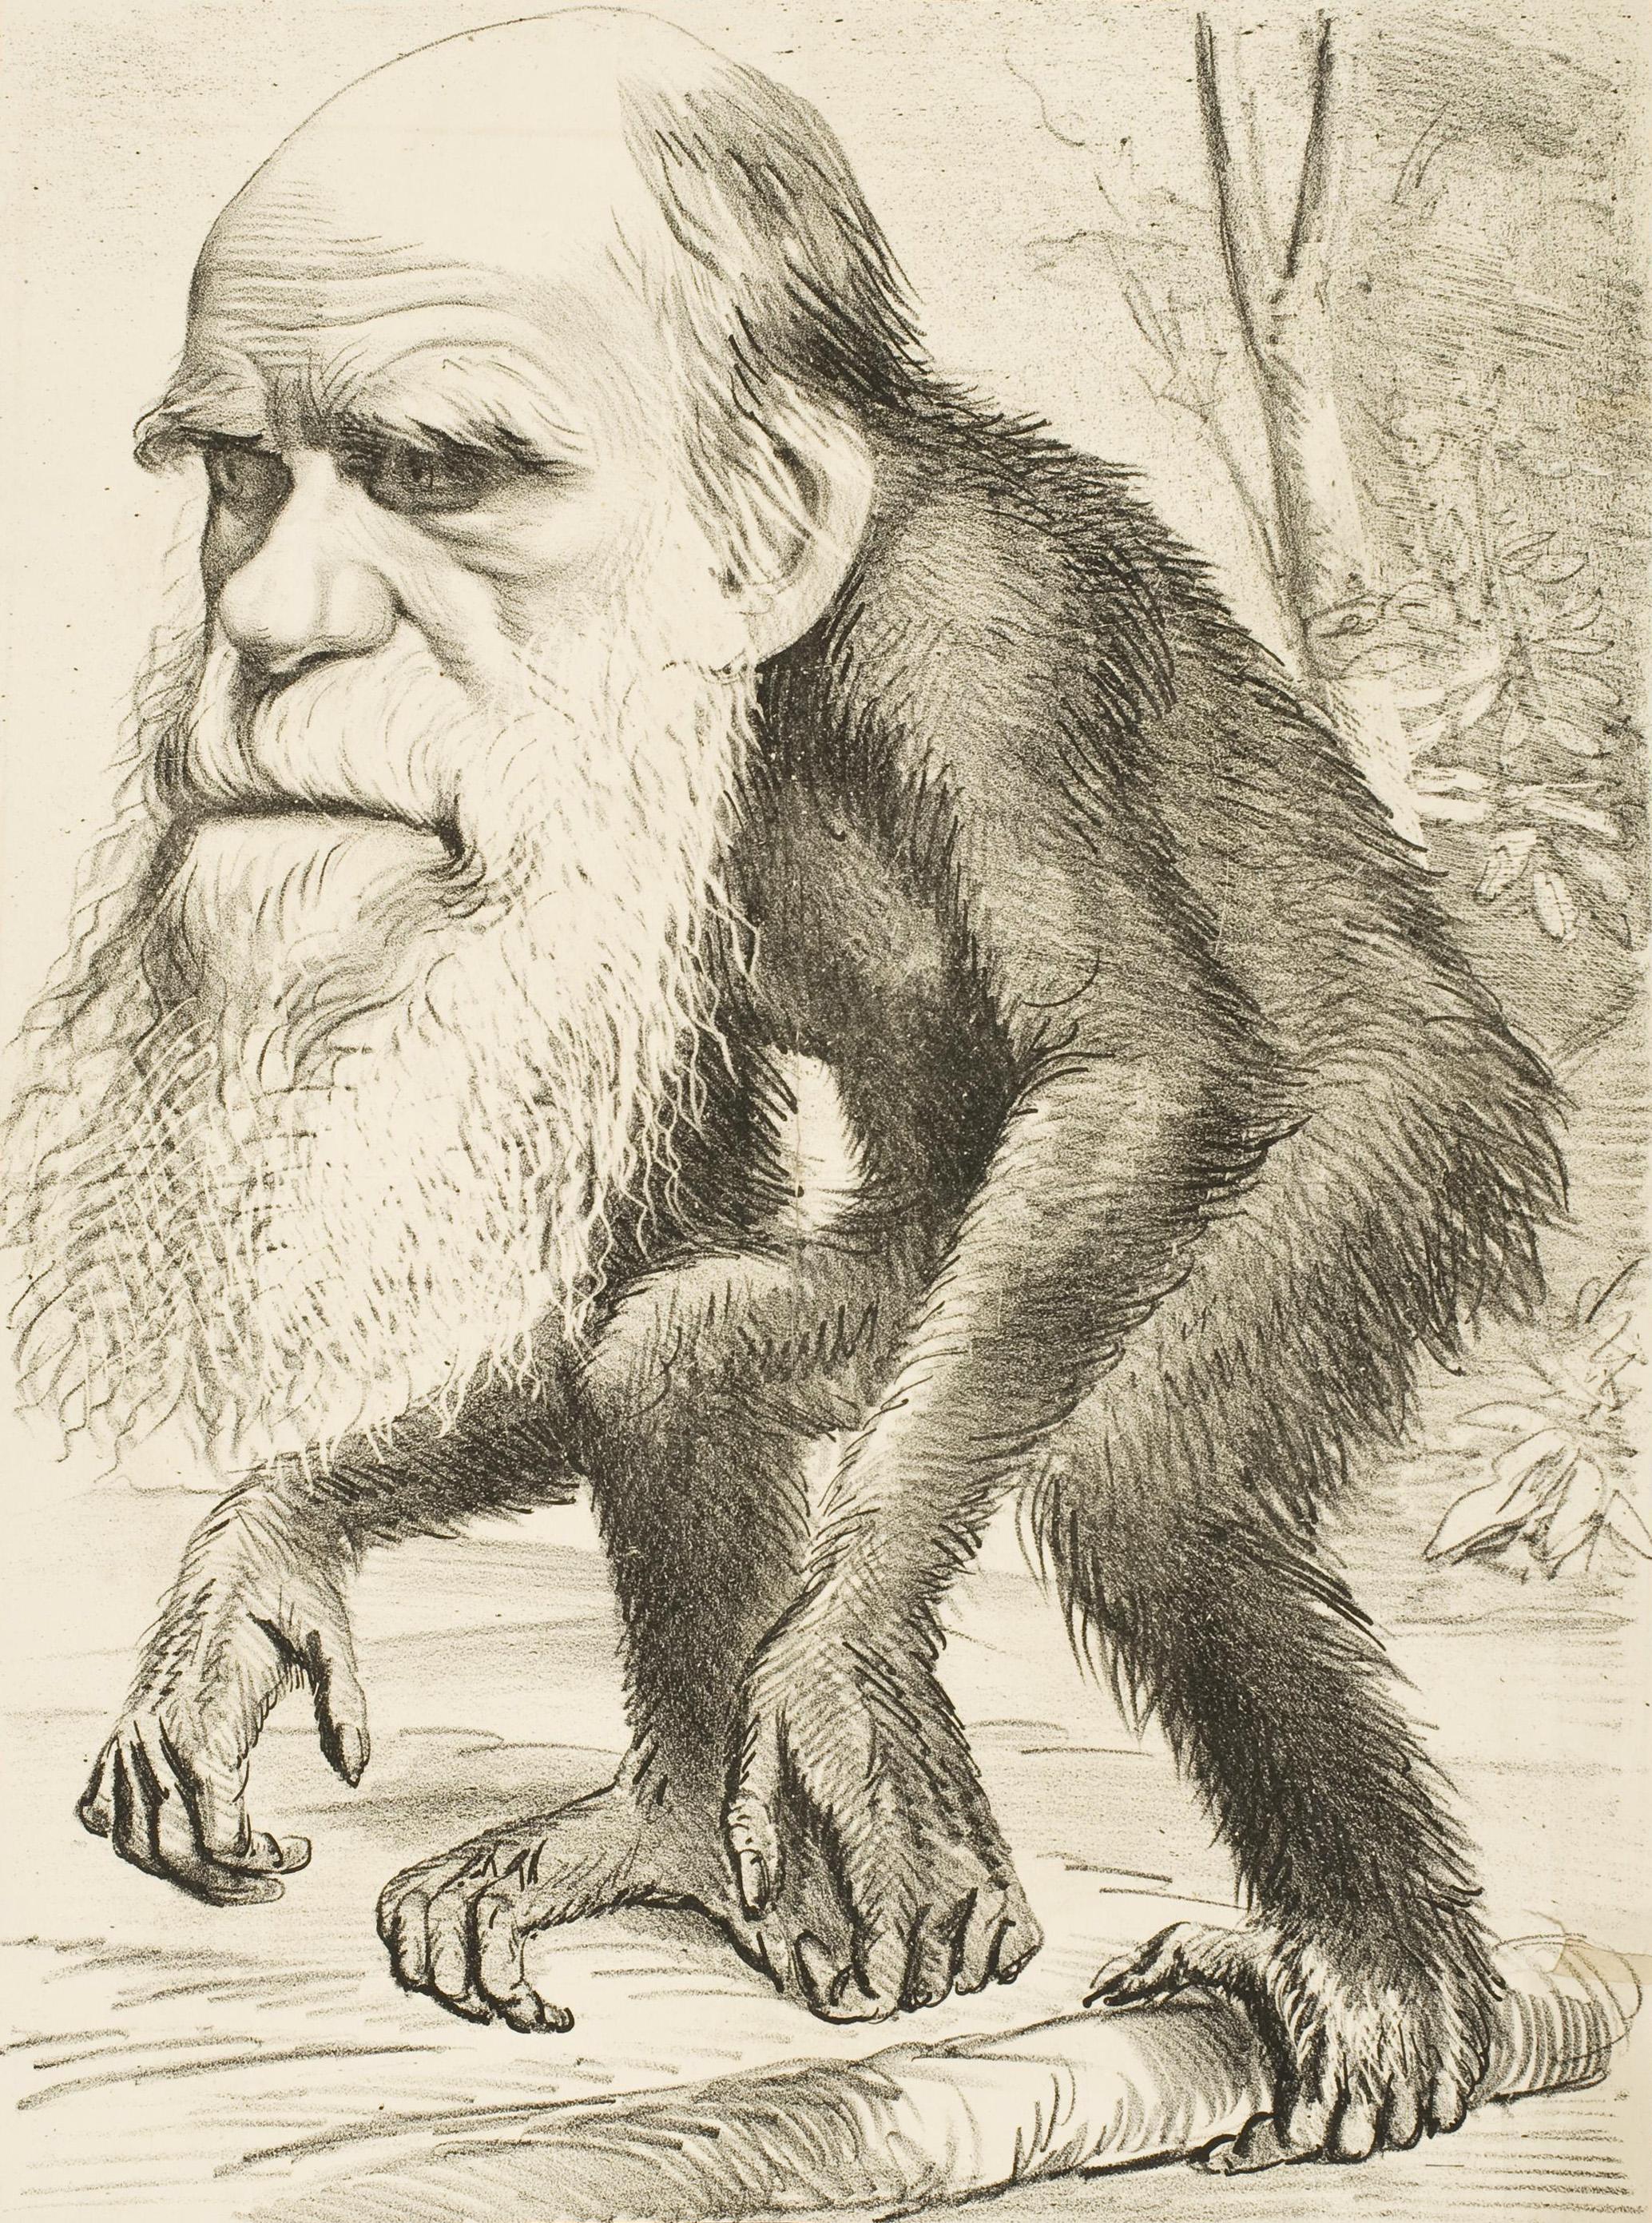 קריקטורה לעגנית על צ'רלס דארווין - הוגה תורת אבולוציה